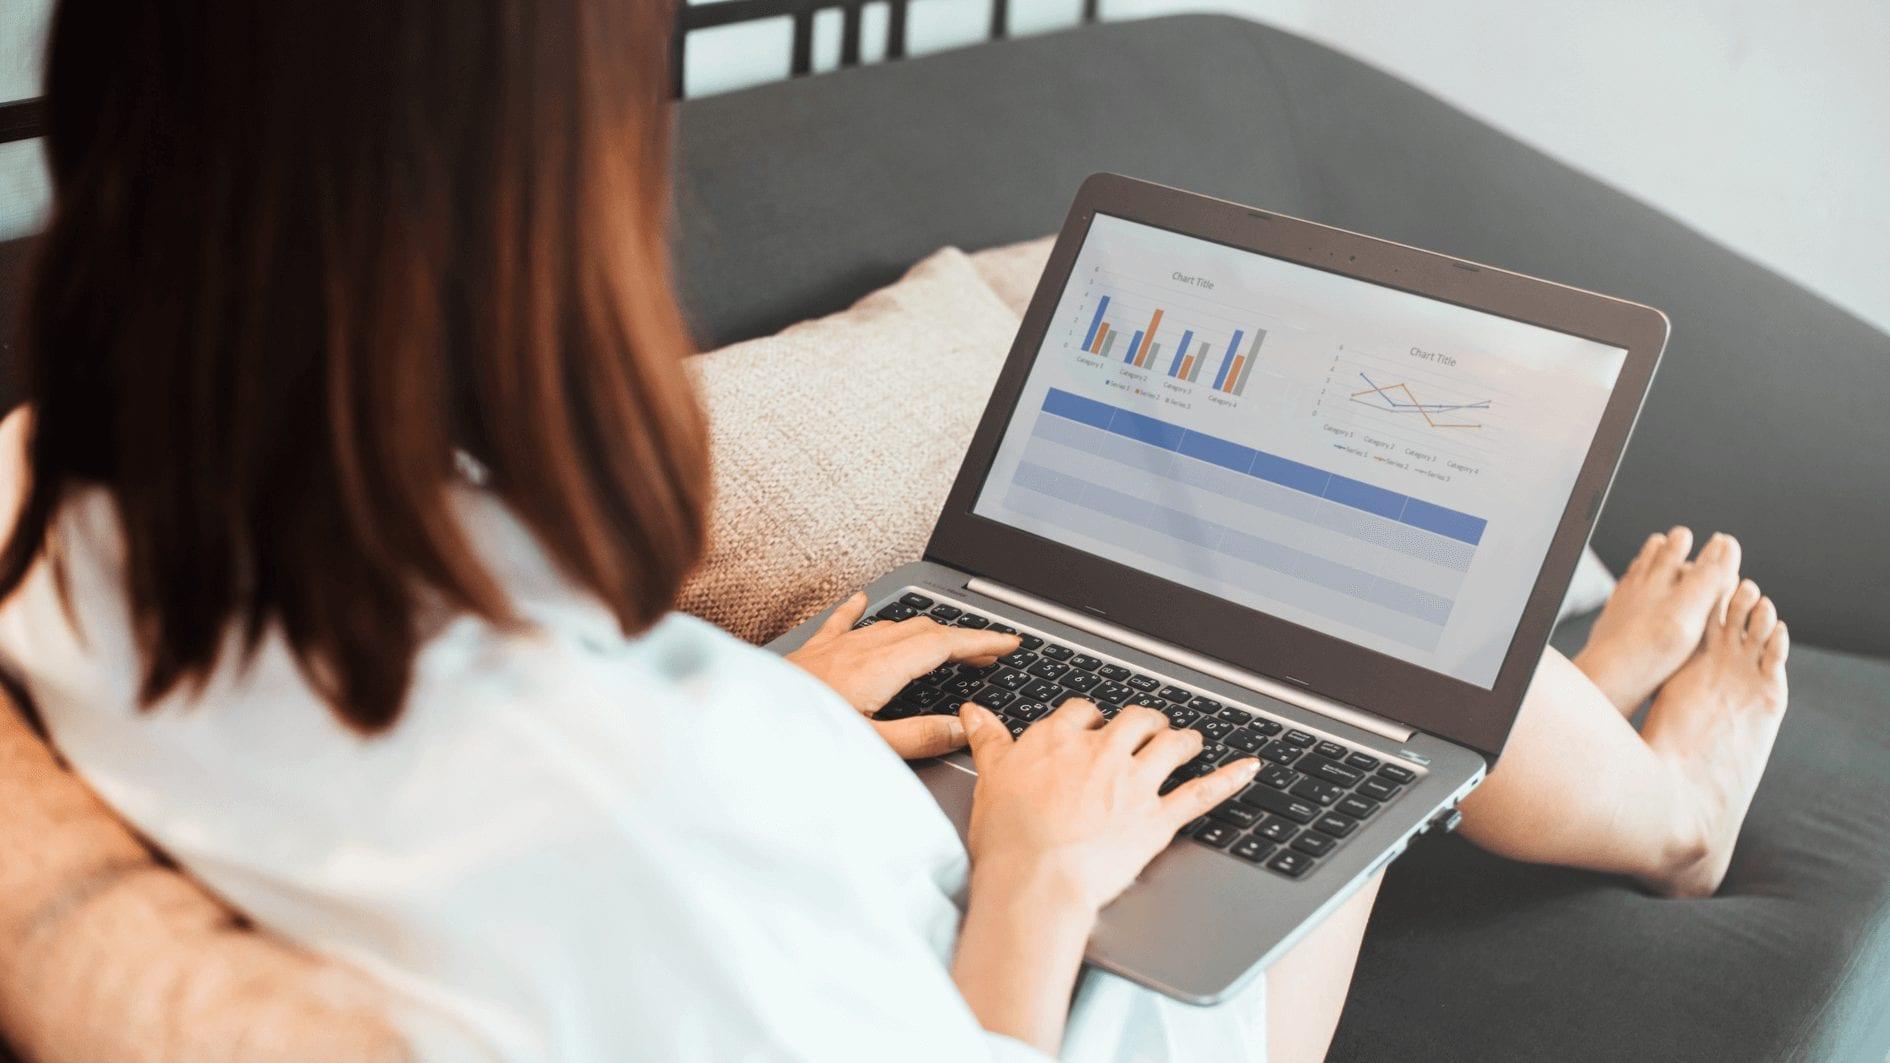 Manfaat, Peran Dan Cara Efektif Menilai Kinerja Karyawan dengan Aplikasi HRD Web!